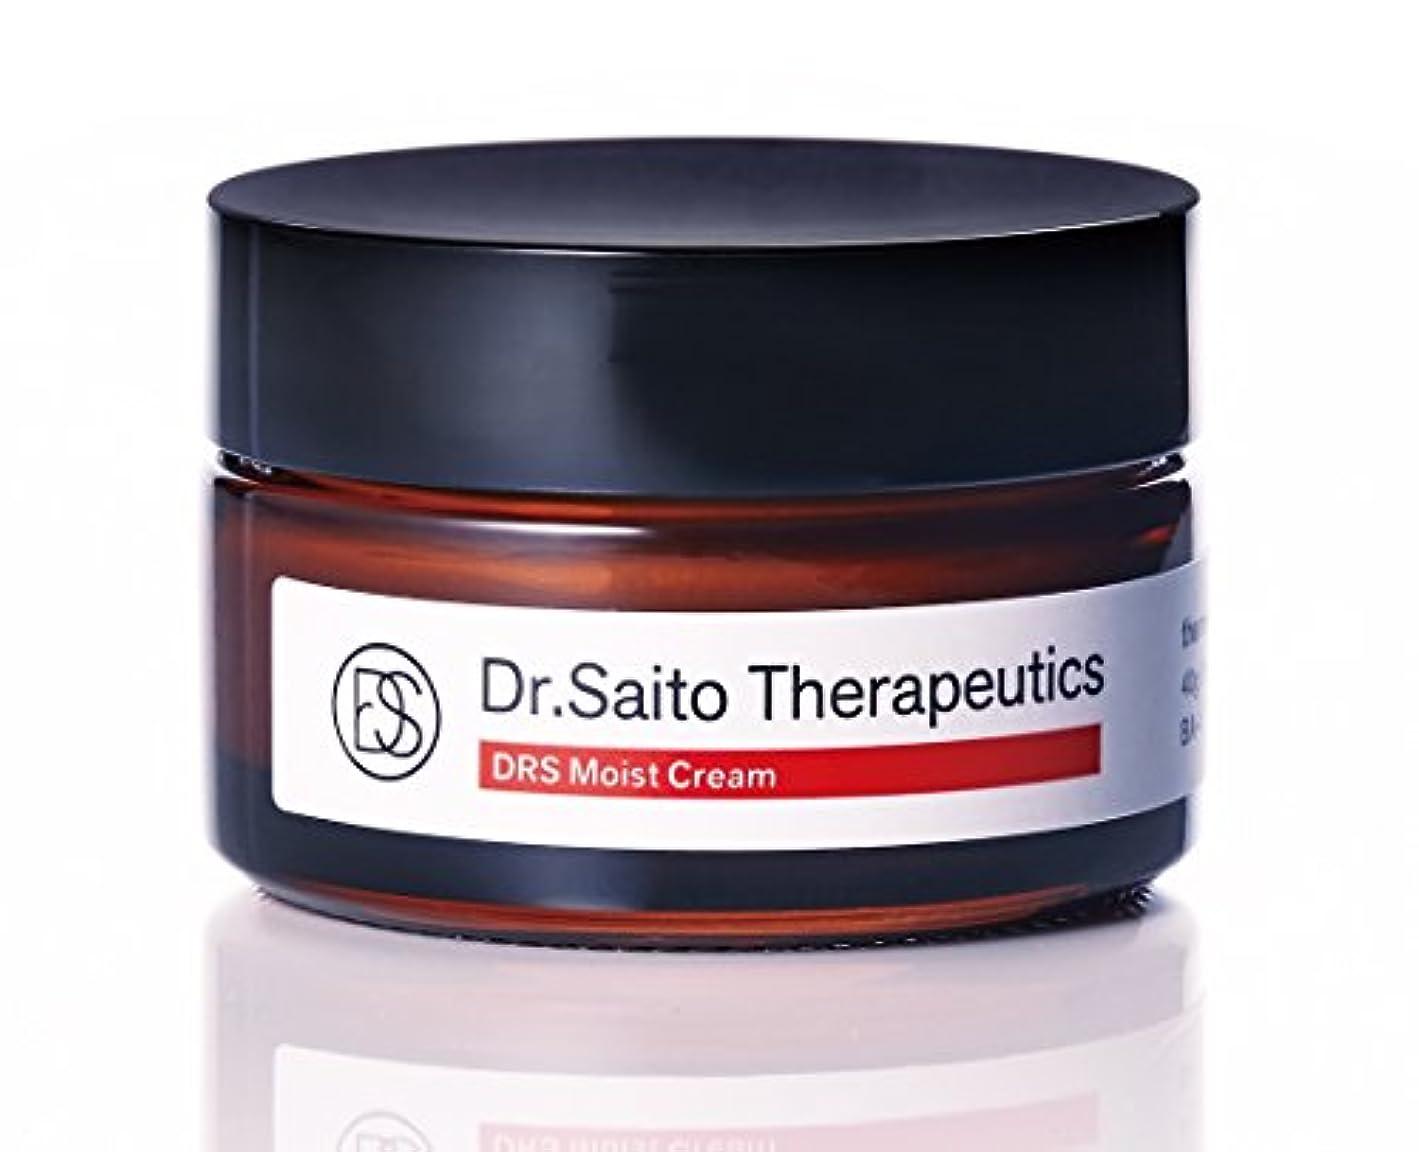 コットン靴下アトム日本機能性医学研究所 Dr.Saito Therapeutics「DRS保湿クリーム」40g